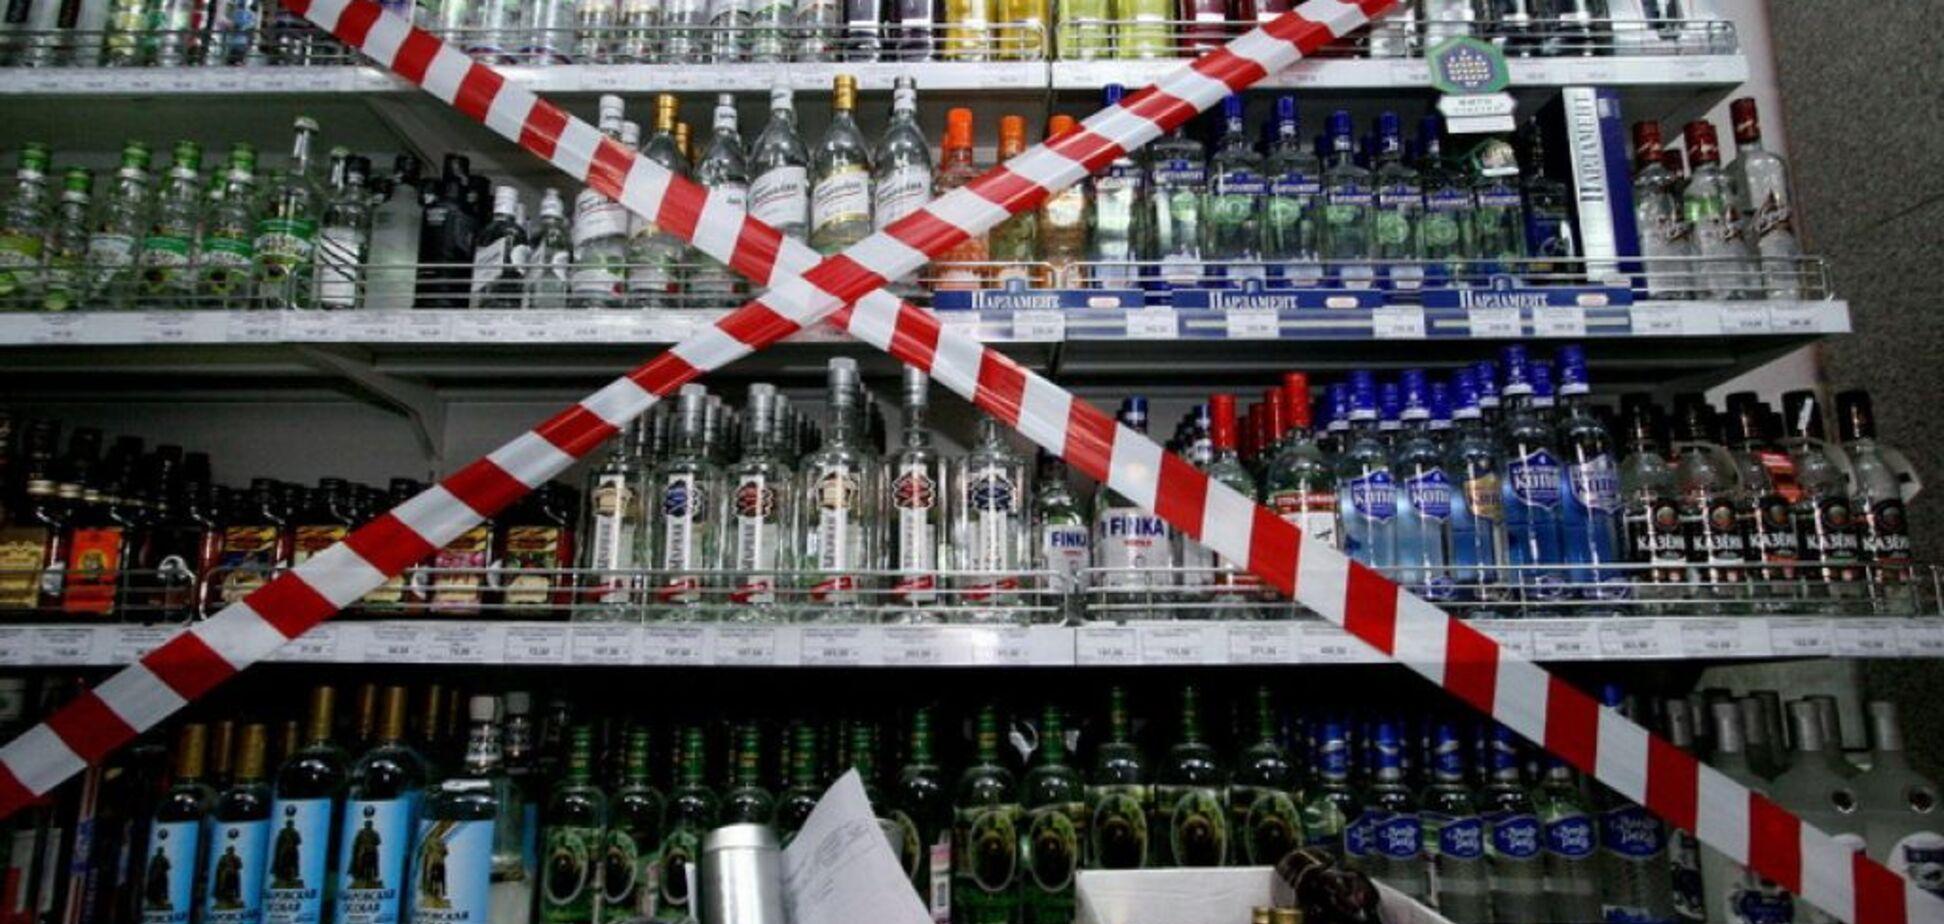 В Україні обмежать продаж алкоголю: як відреагувало суспільство